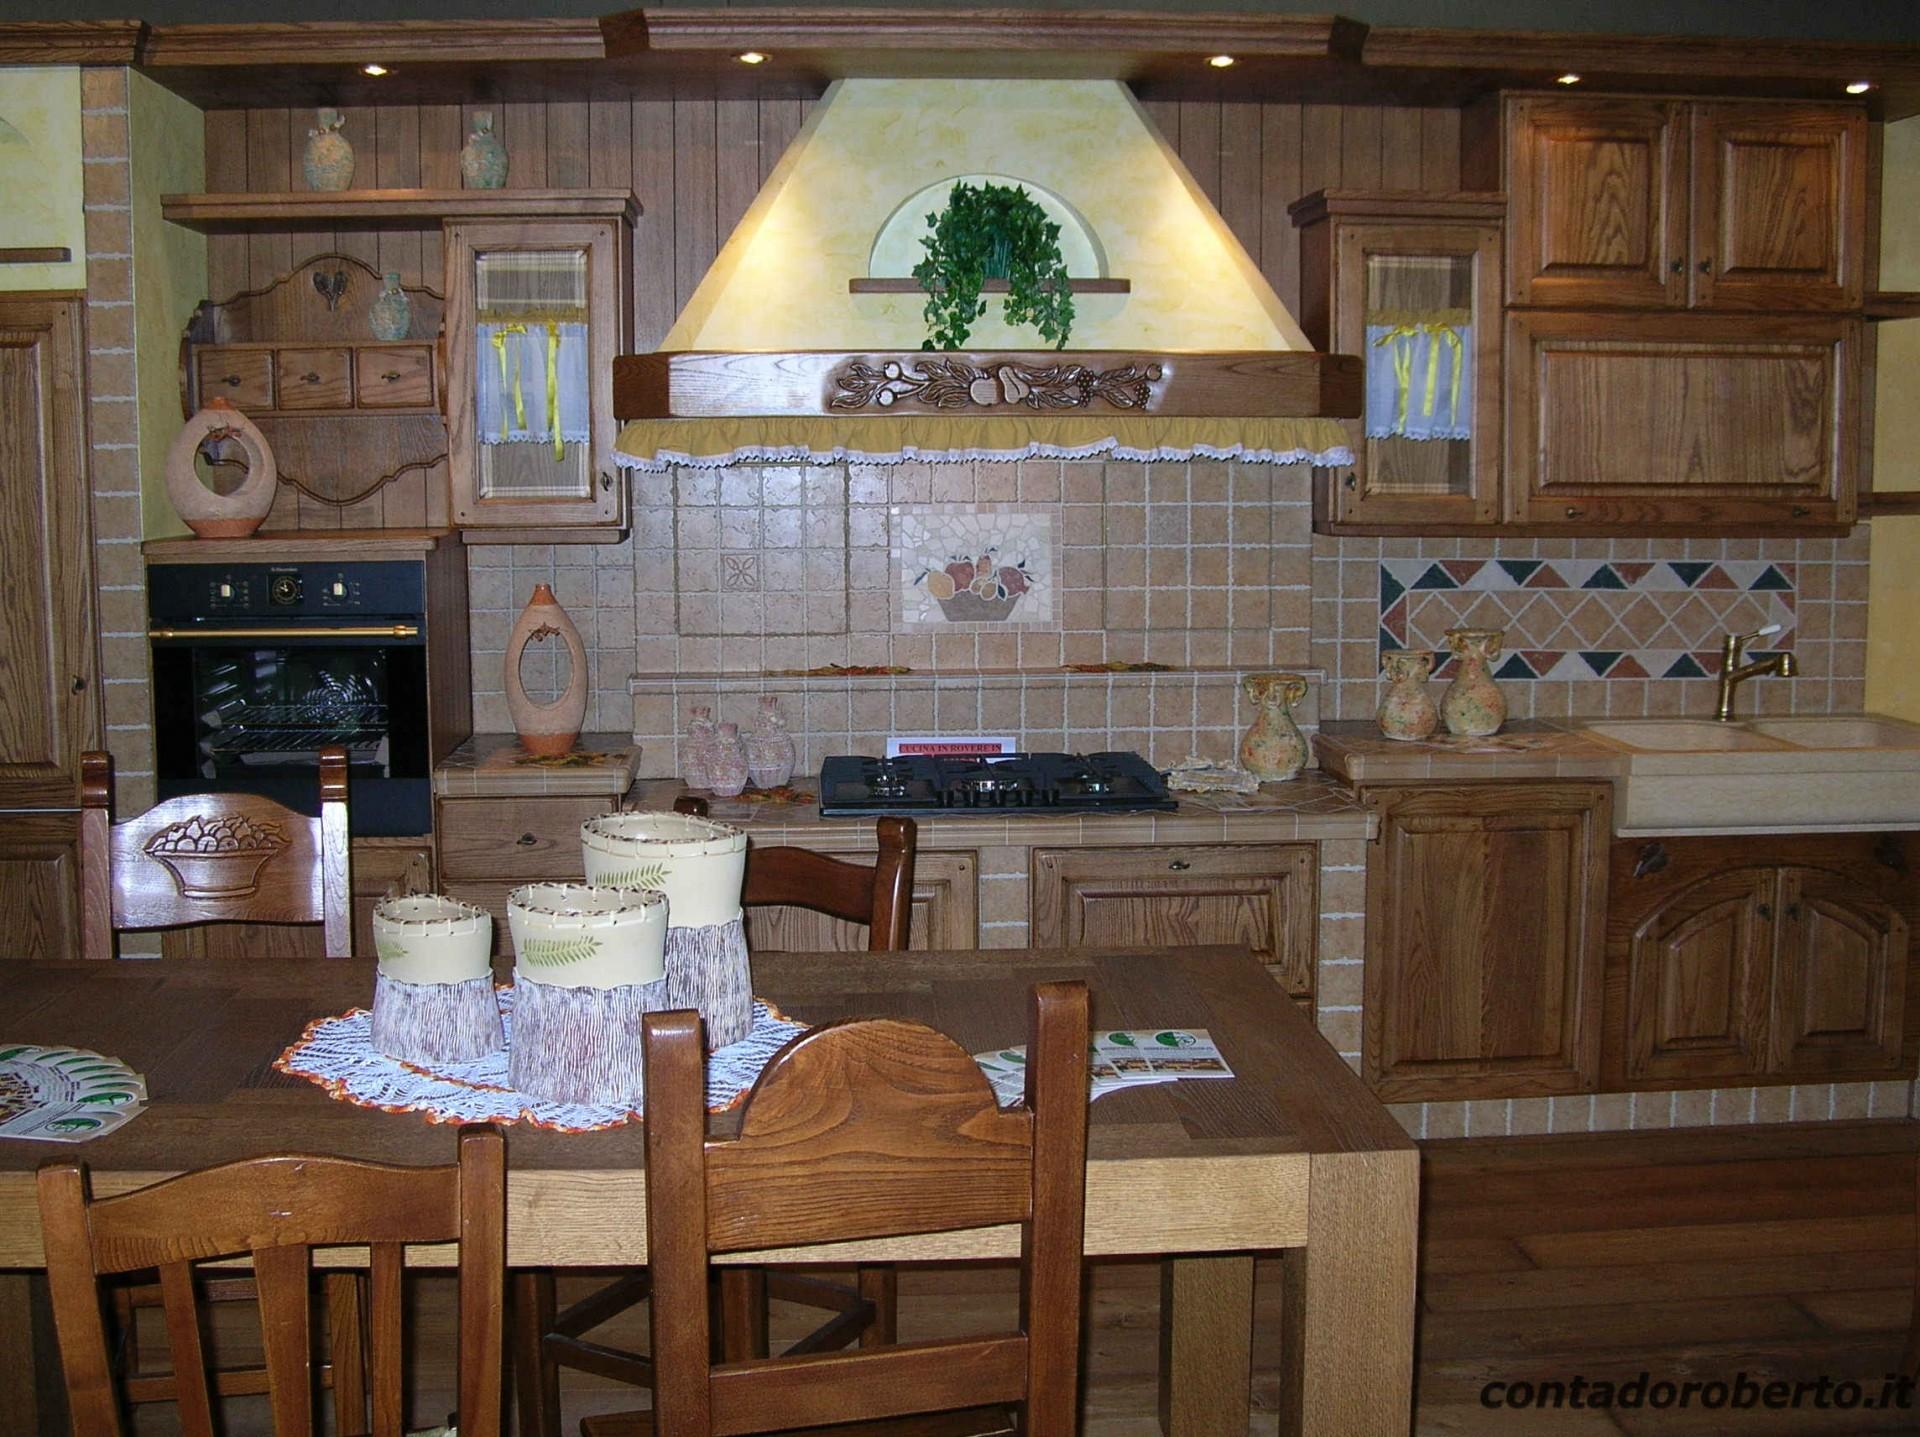 Cucina in muratura la contadina contado roberto group cucine e arredamenti su misura in legno - Cucine particolari in muratura ...